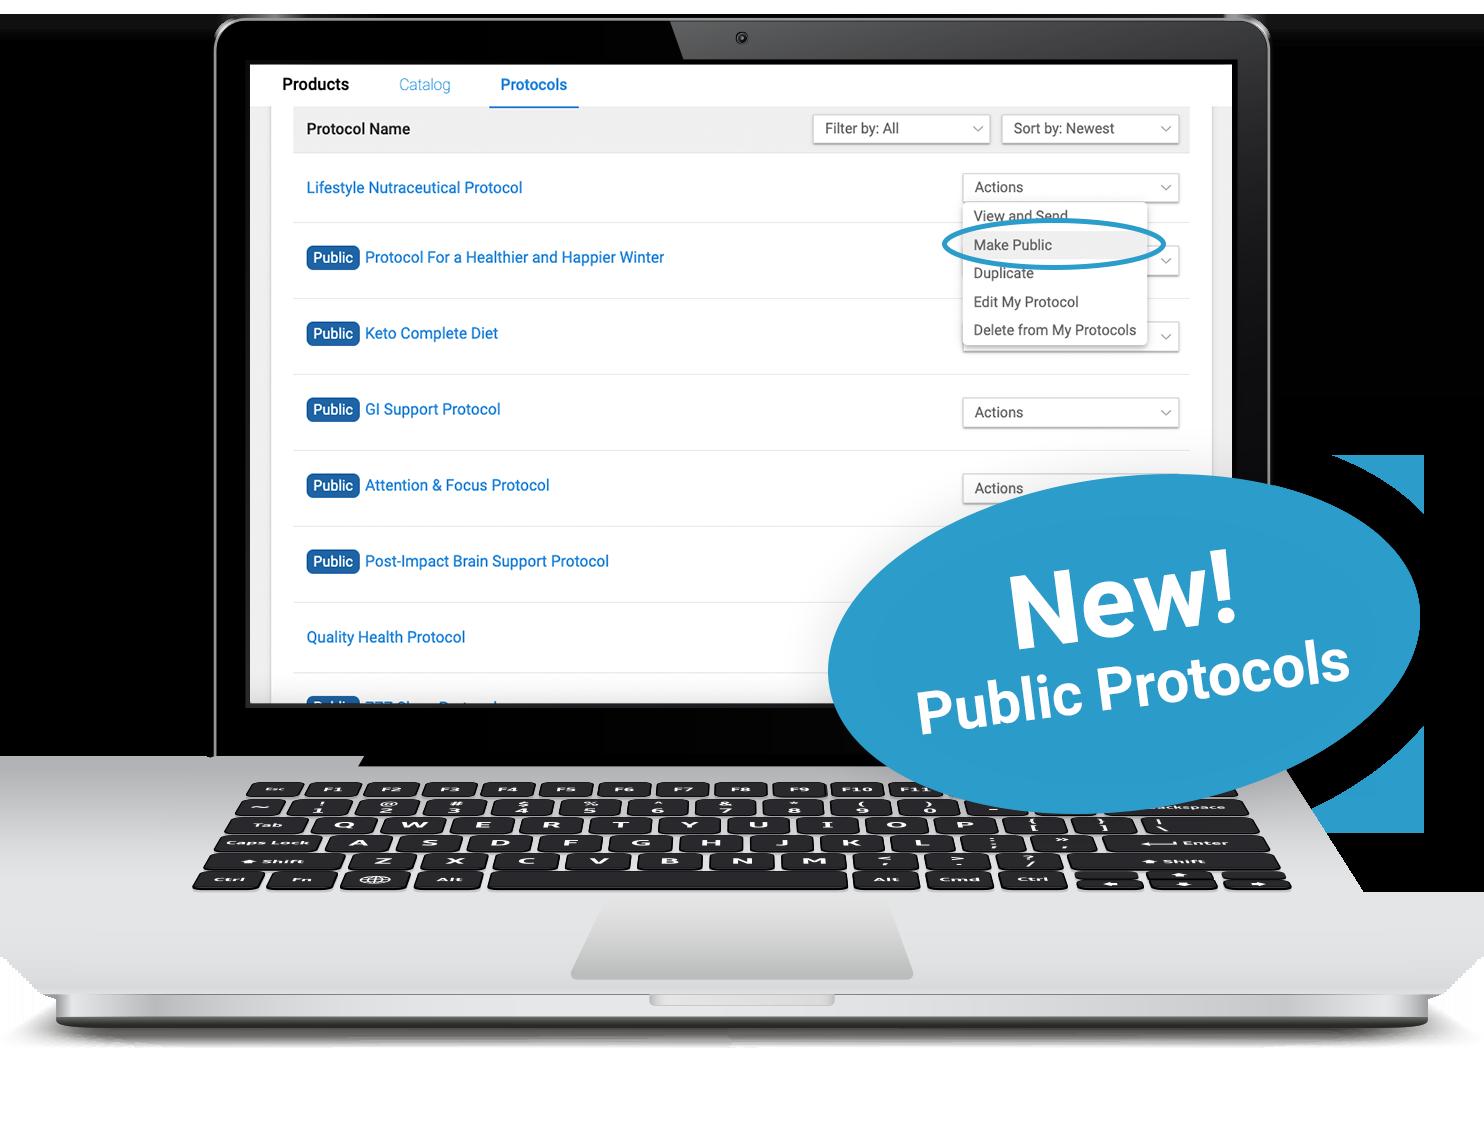 21-7 Public Protocols Latop Graphic 4b